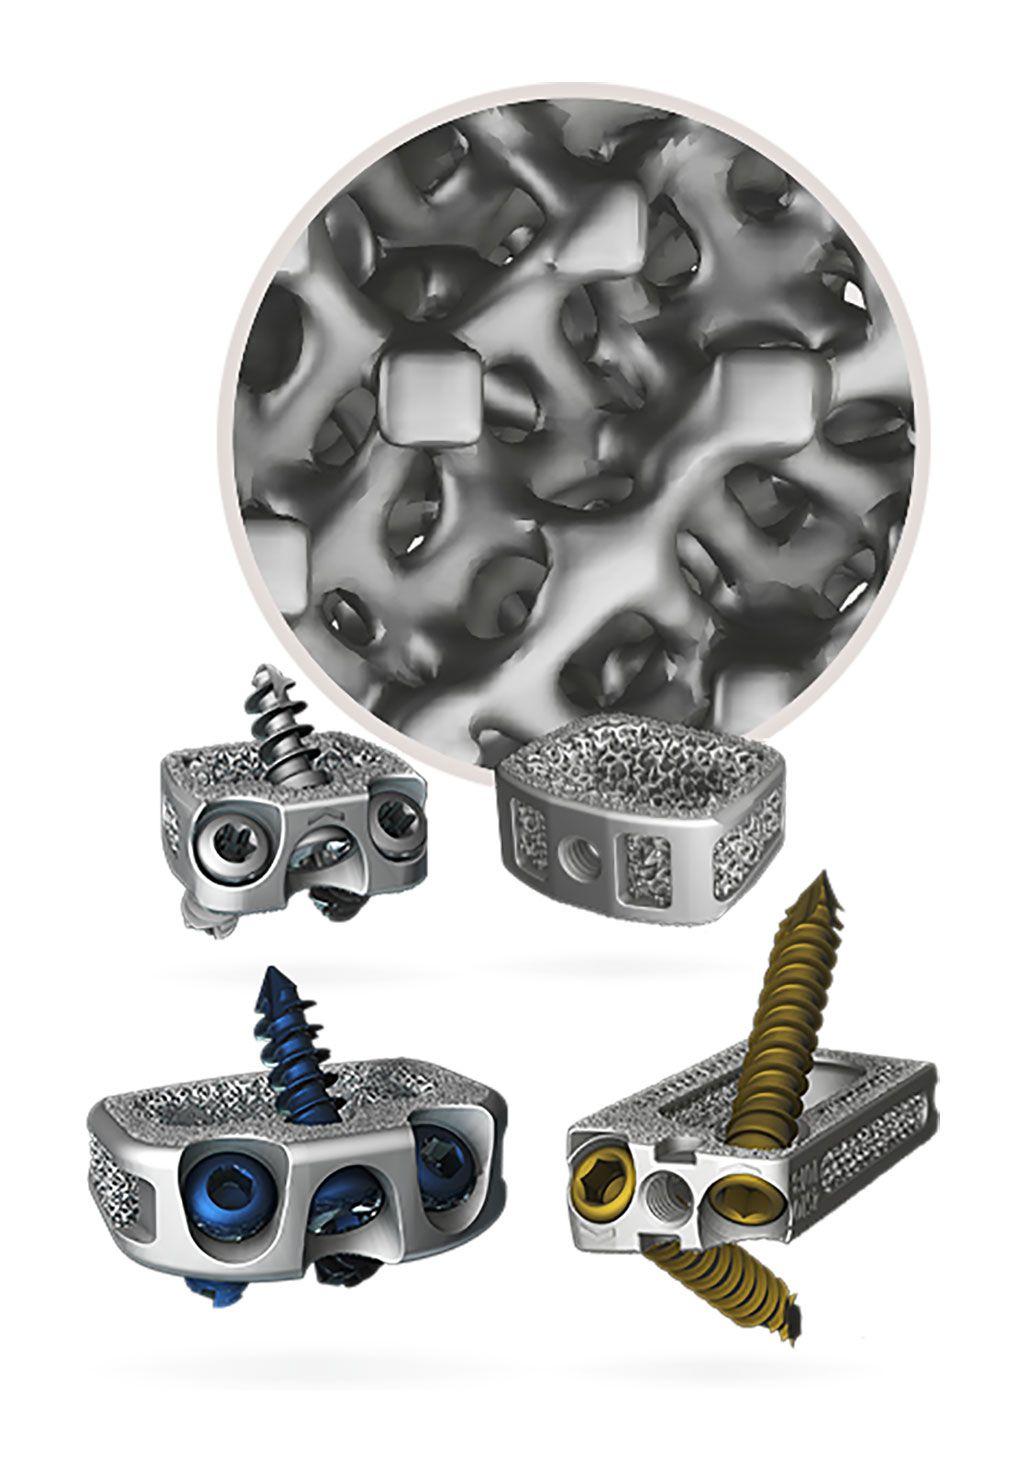 Imagen: La tecnología FLX mejora los dispositivos intersomáticos de titanio poroso impresos en 3D (Fotografía cortesía de Centinel Spine)